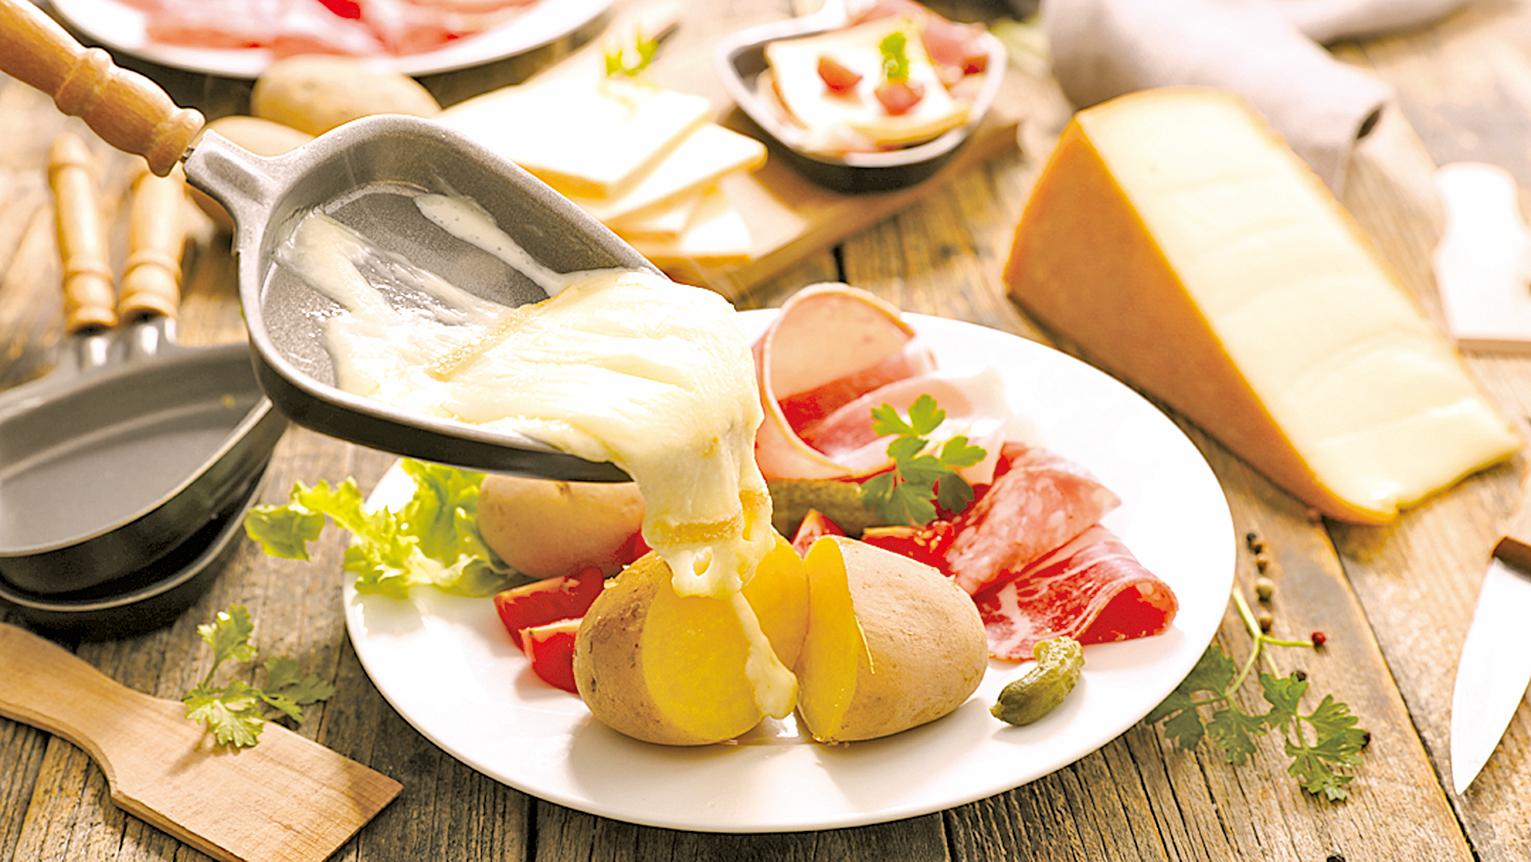 瑞士人食用瑞克雷芝士,會先將芝士加溫融化。